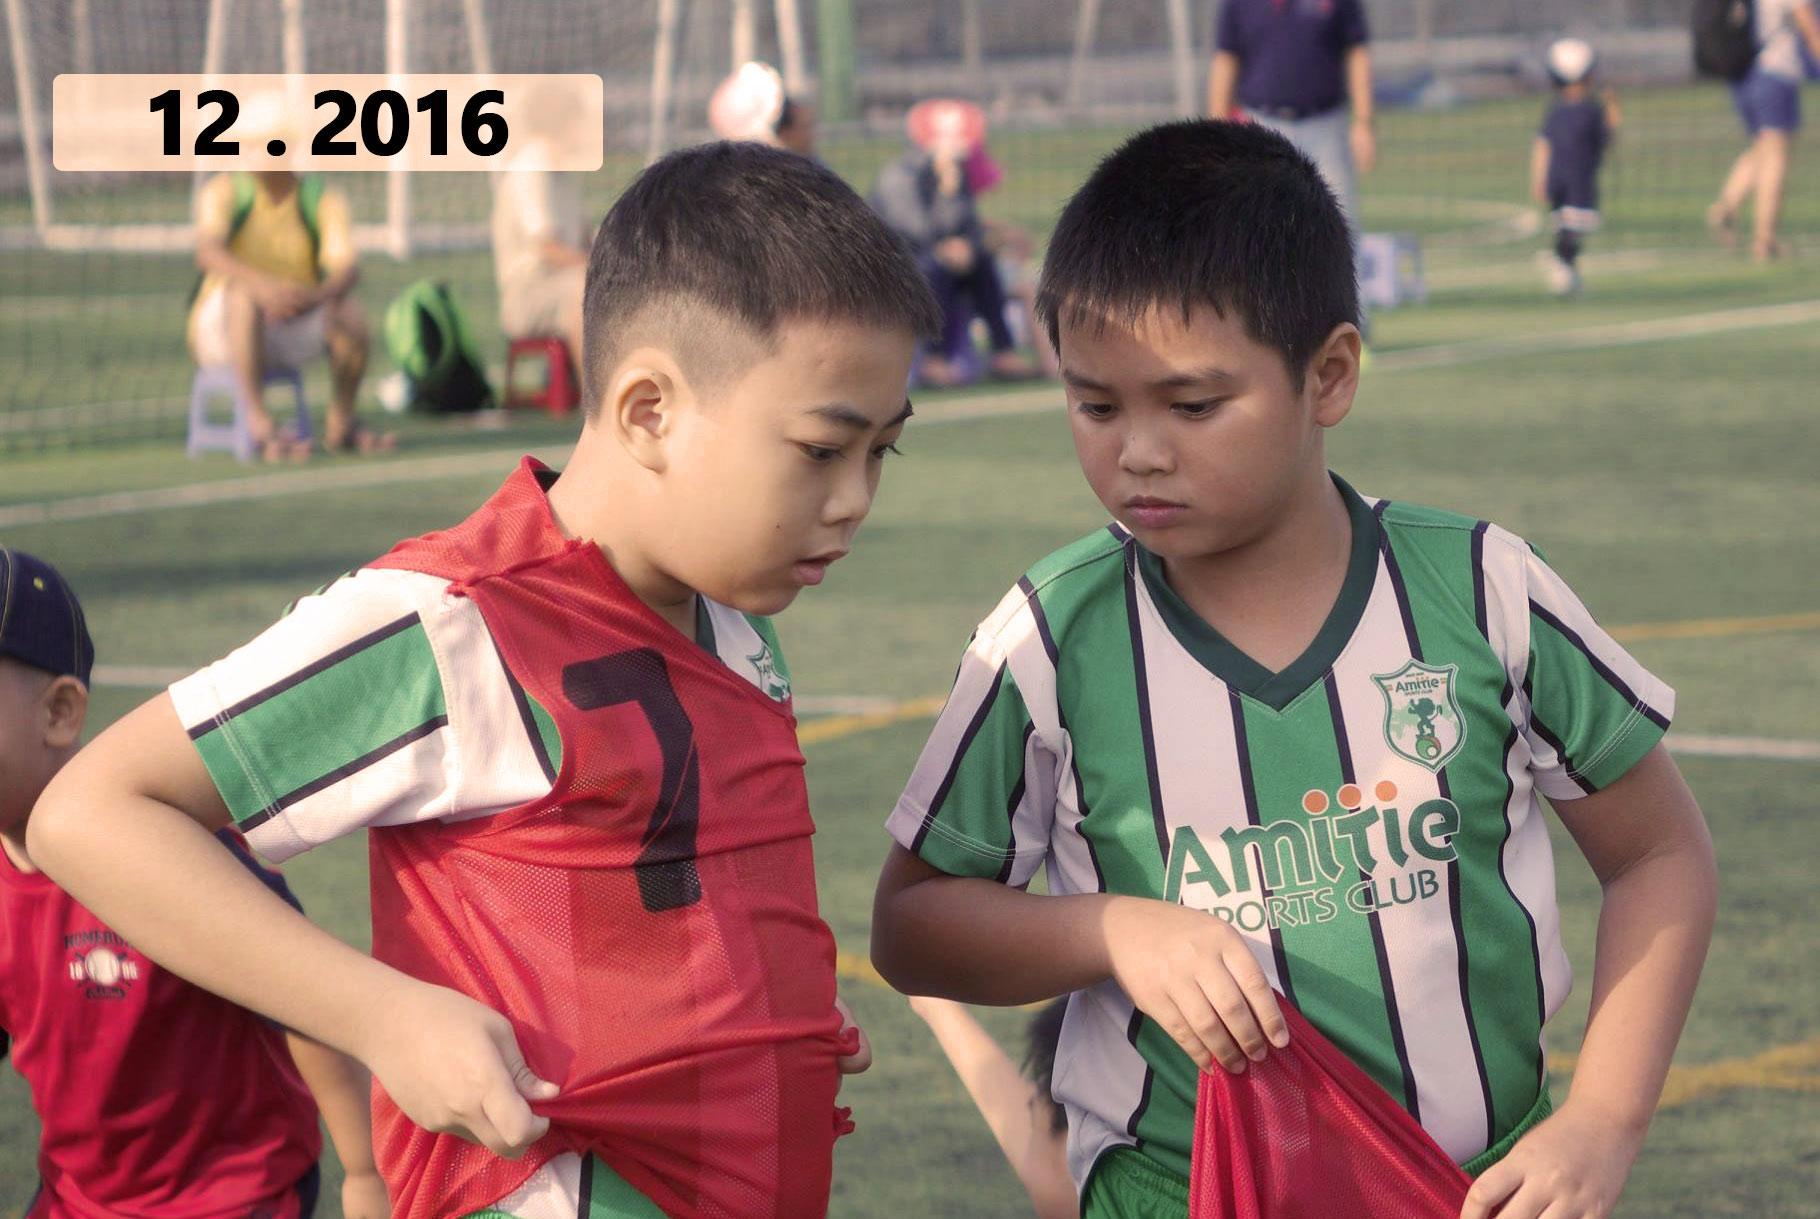 Quang-Viet-Vu-Hung20163